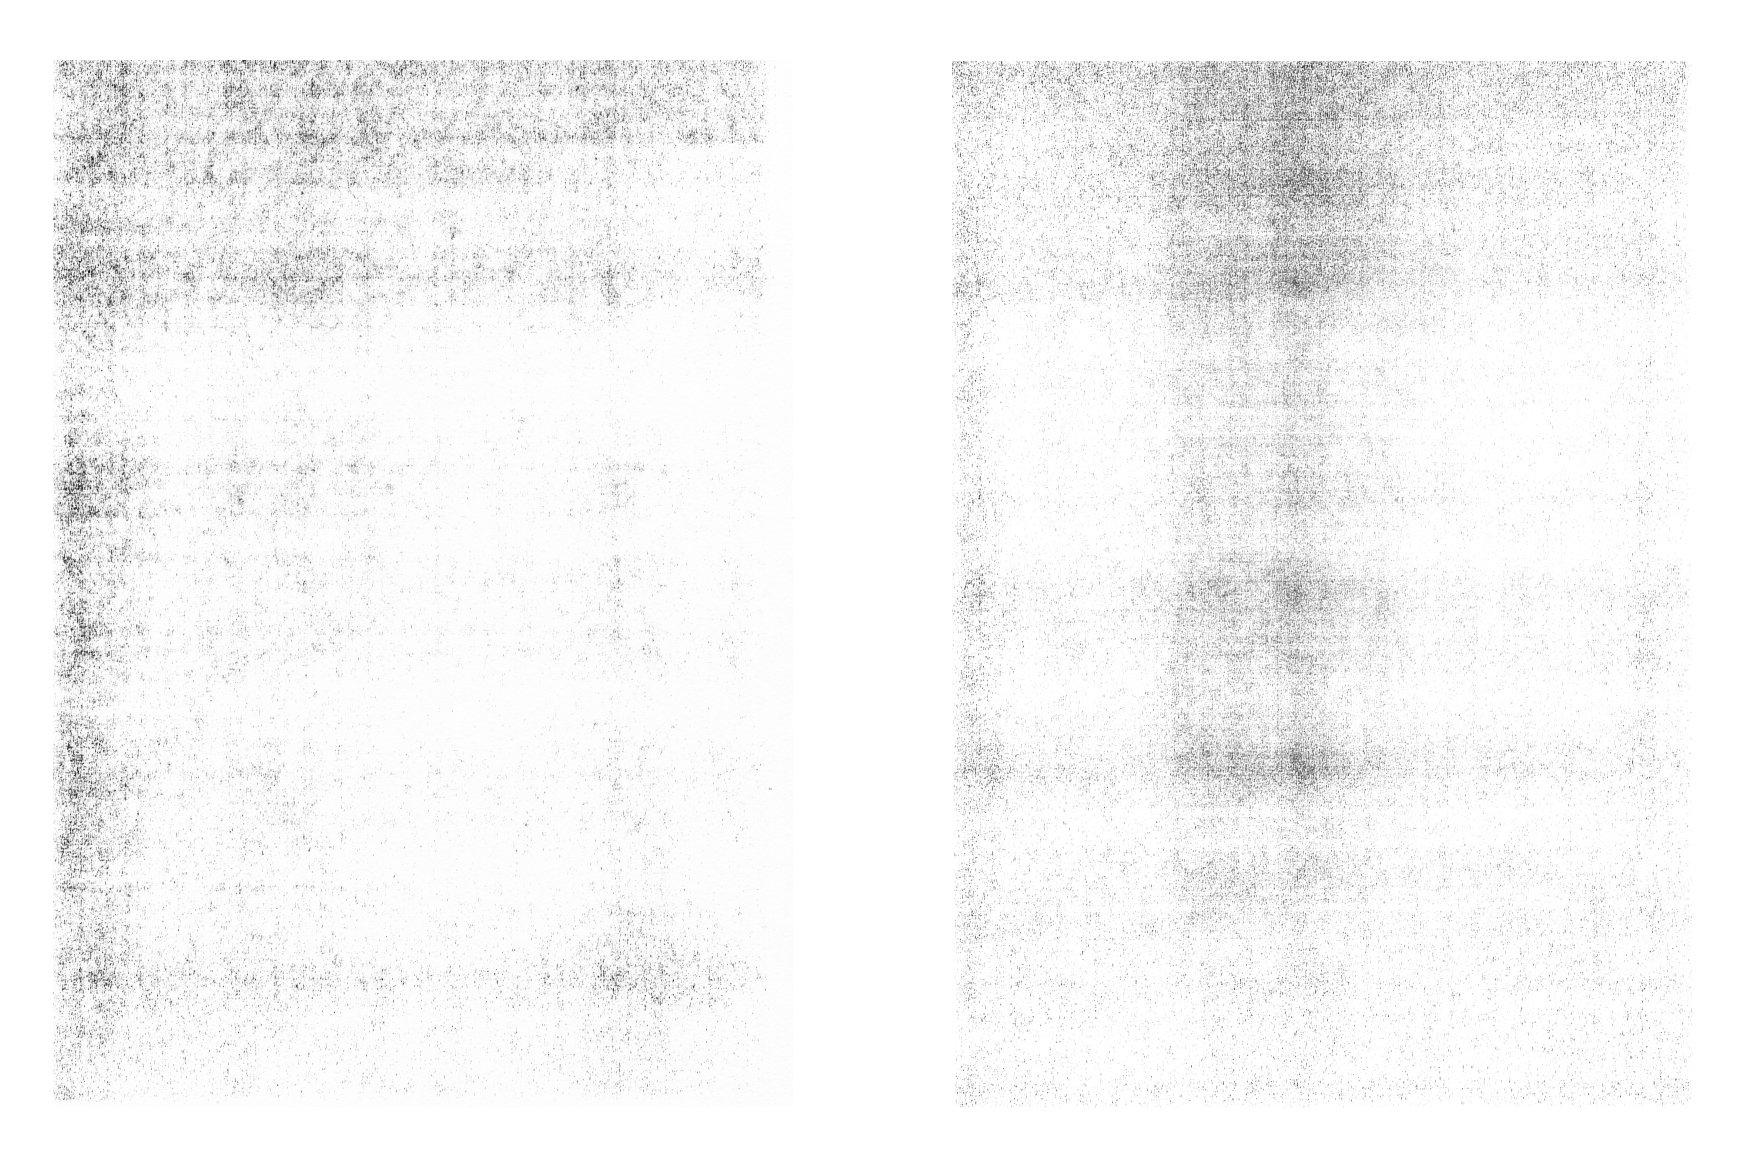 156款复古做旧折痕磨损褶皱纸张背景纹理素材合集 The Grunge Texture Bundle Vol. 1插图(69)